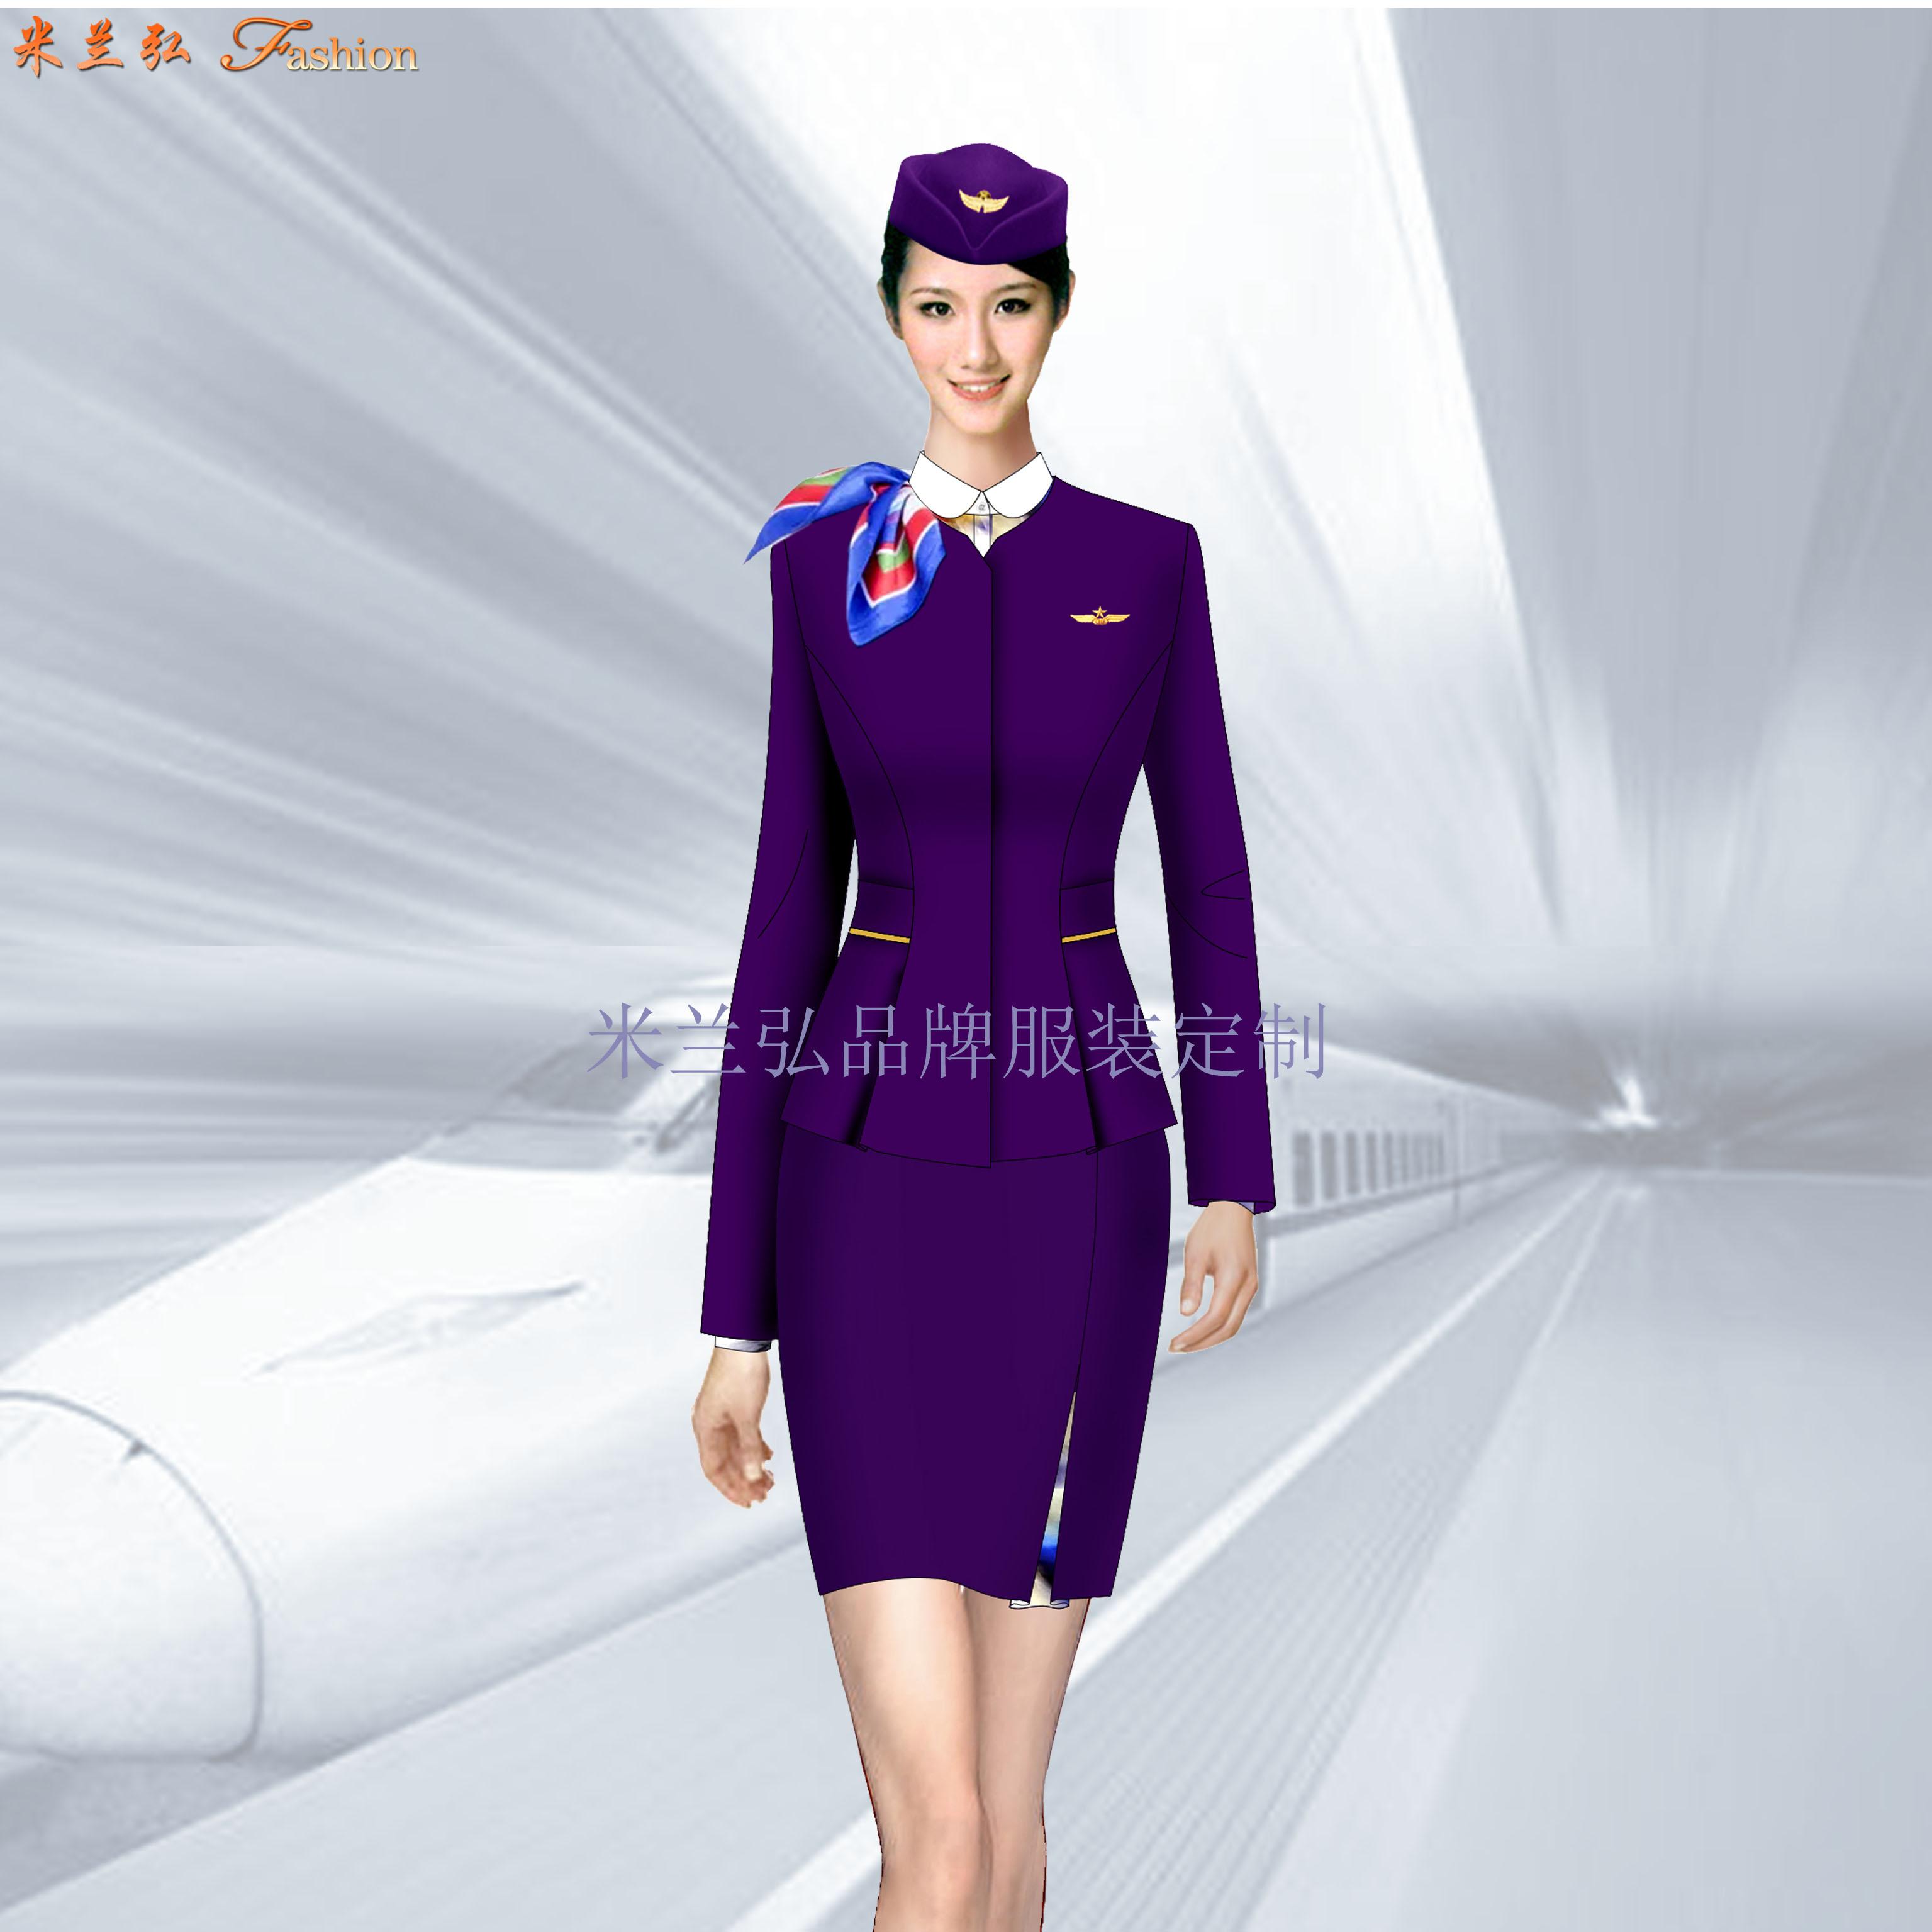 貴州高鐵服裝定制-高鐵乘務員工作服廠家-米蘭弘服裝-3